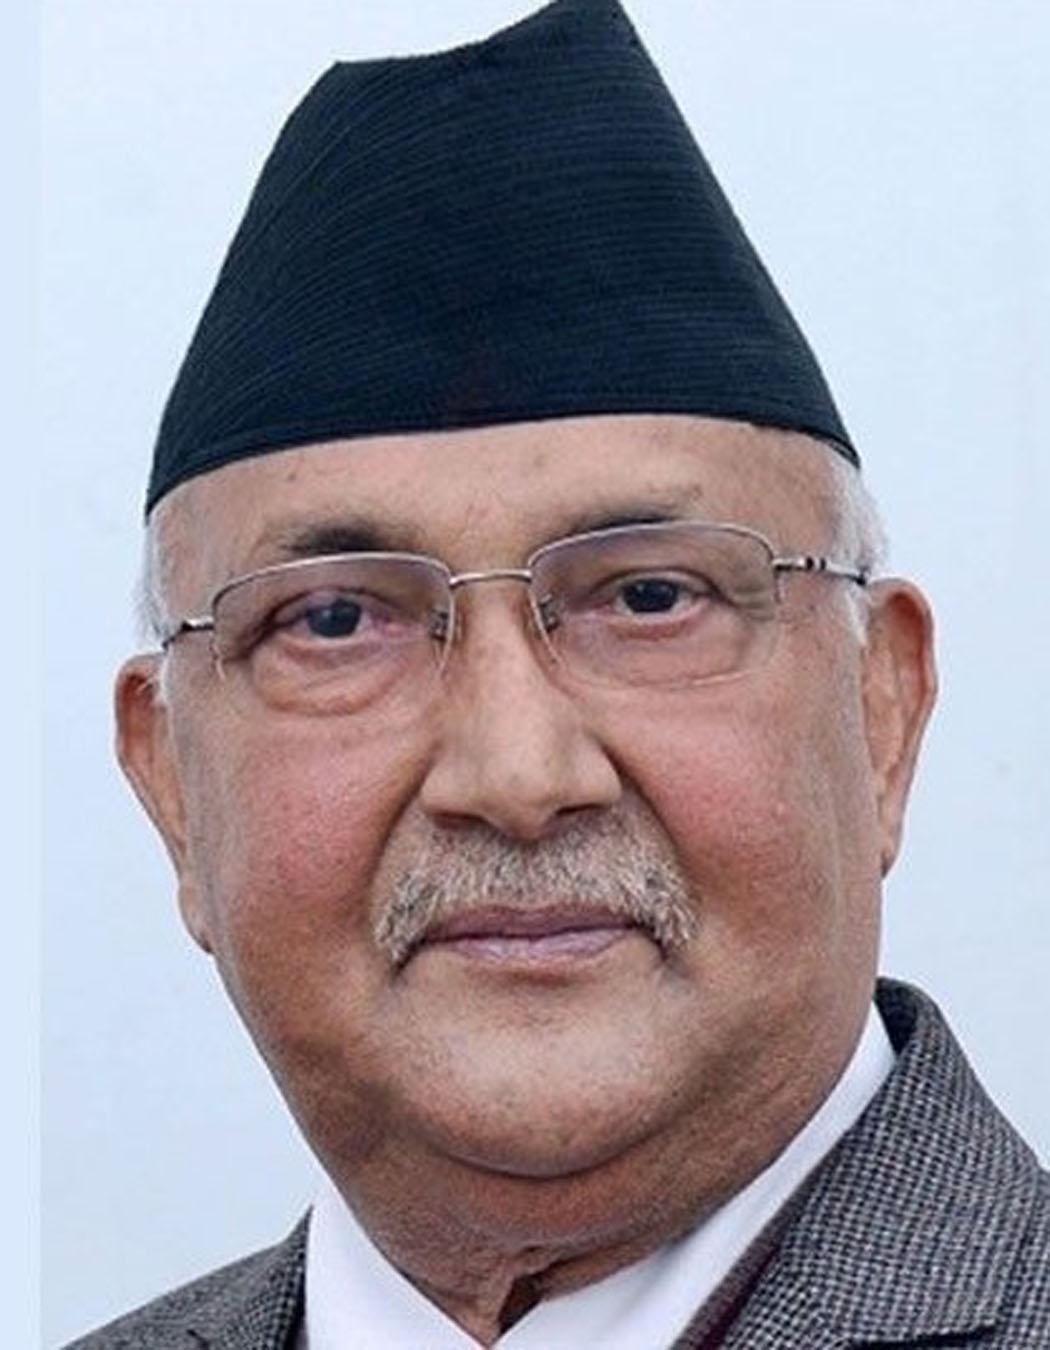 सम्माननीय प्रधानमन्त्री  केपी शर्मा ओली